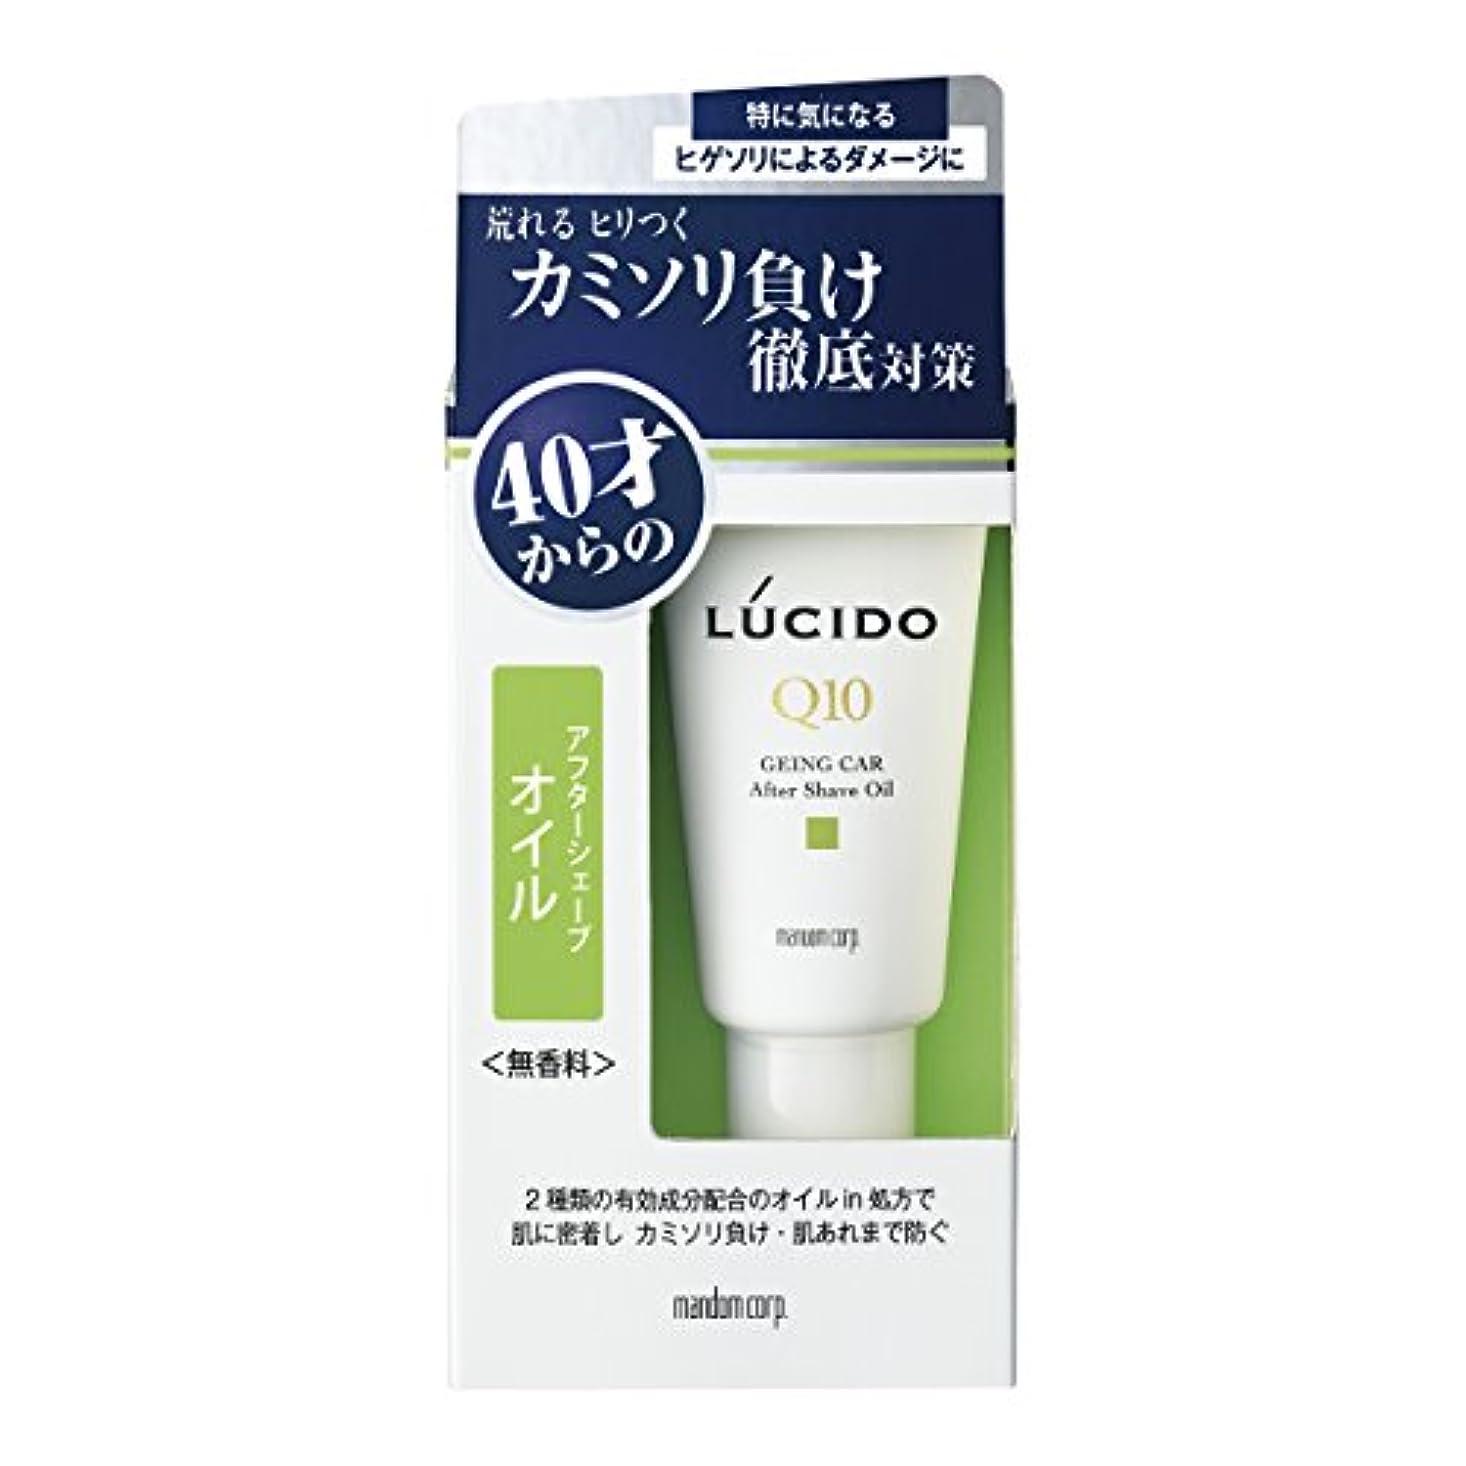 アリ規則性すりルシード 薬用 アフターシェーブオイル (医薬部外品)30g